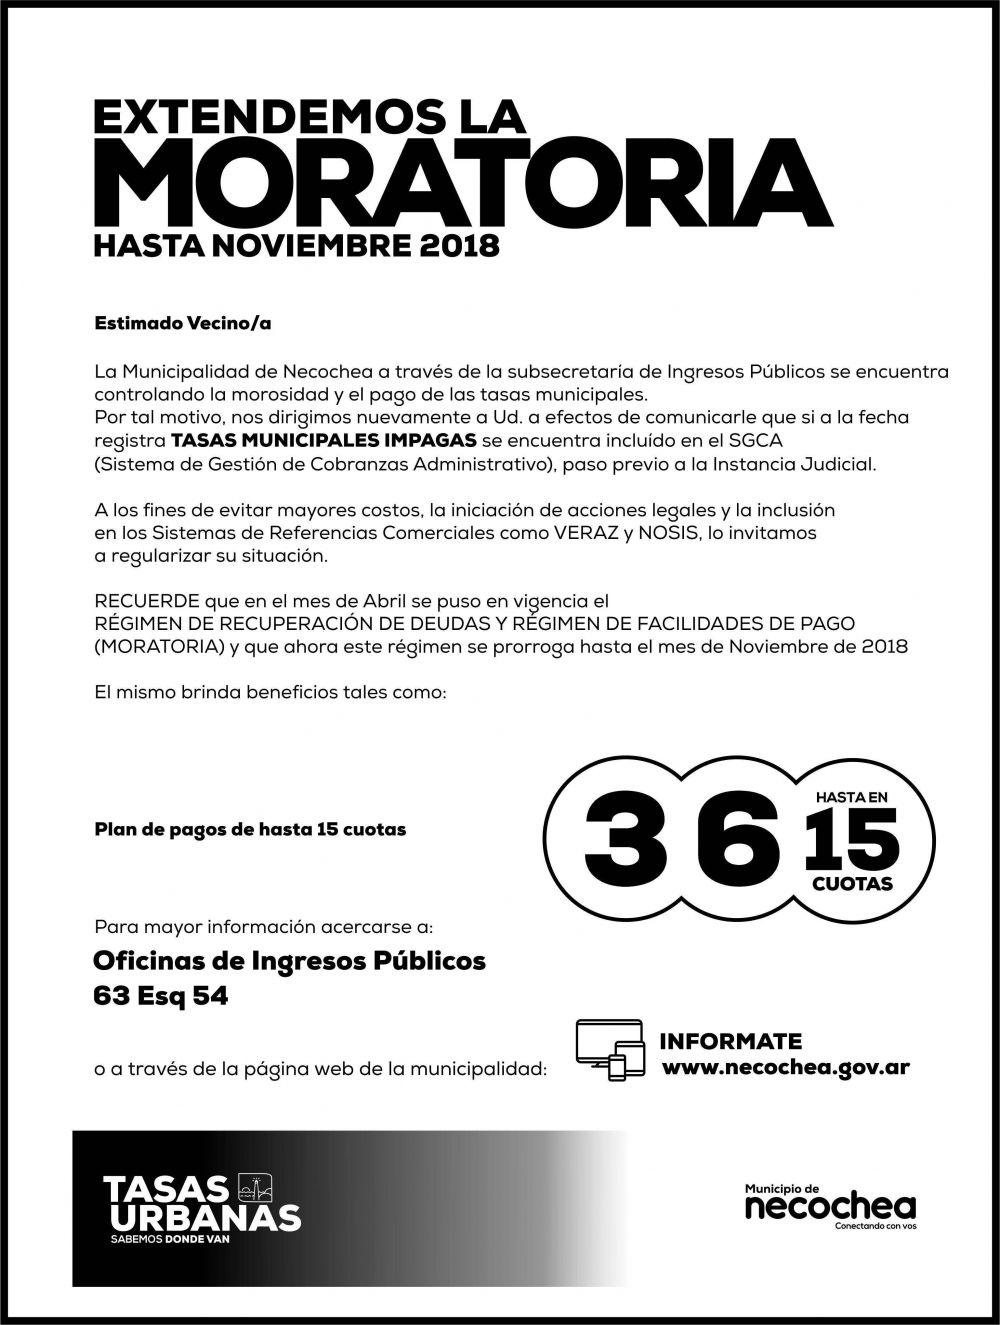 La Municipalidad de Necochea extiende la moratoria hasta noviembre de 2018